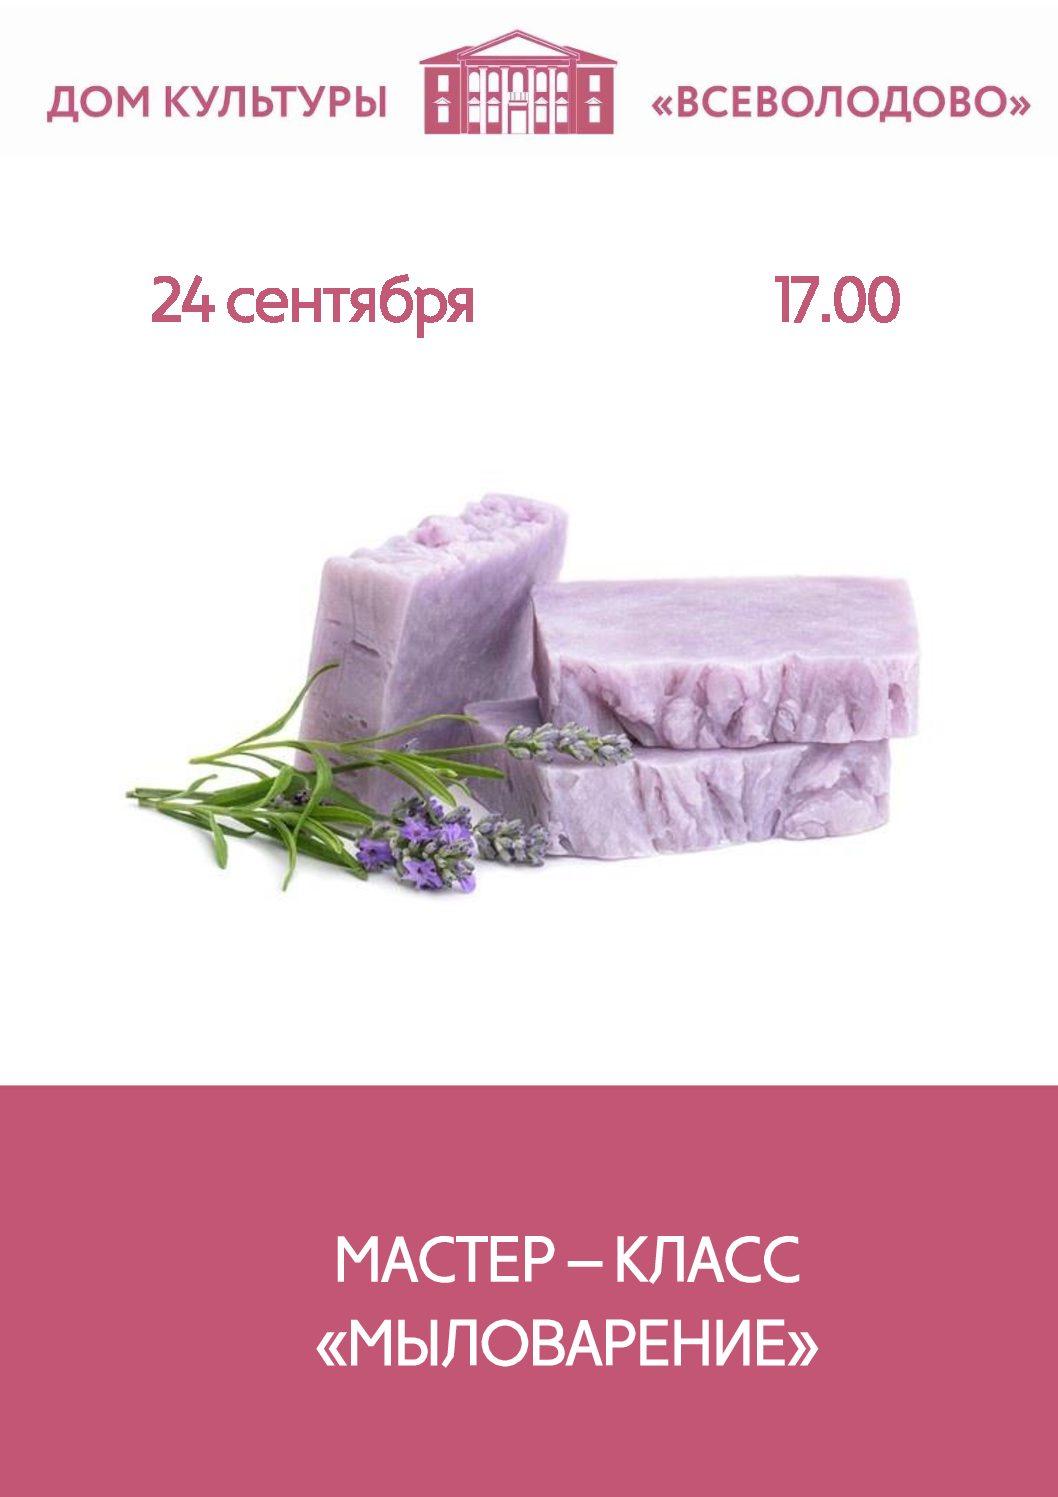 """Мастер-класс """"Мыловарение г. Электросталь, СДК «Всеволодово»"""